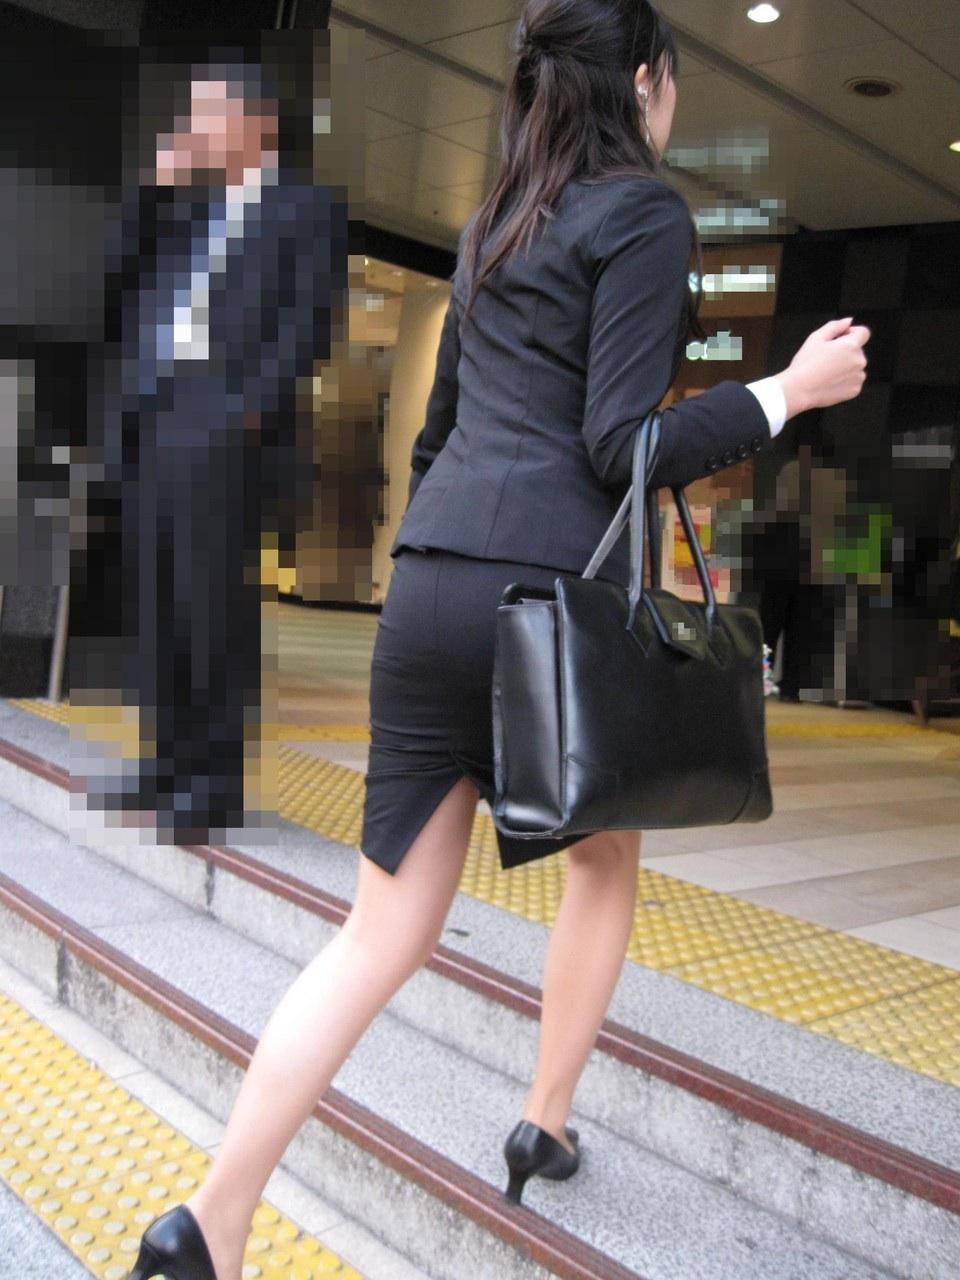 美脚OLの通勤中のタイトスカート盗撮エロ画像1枚目